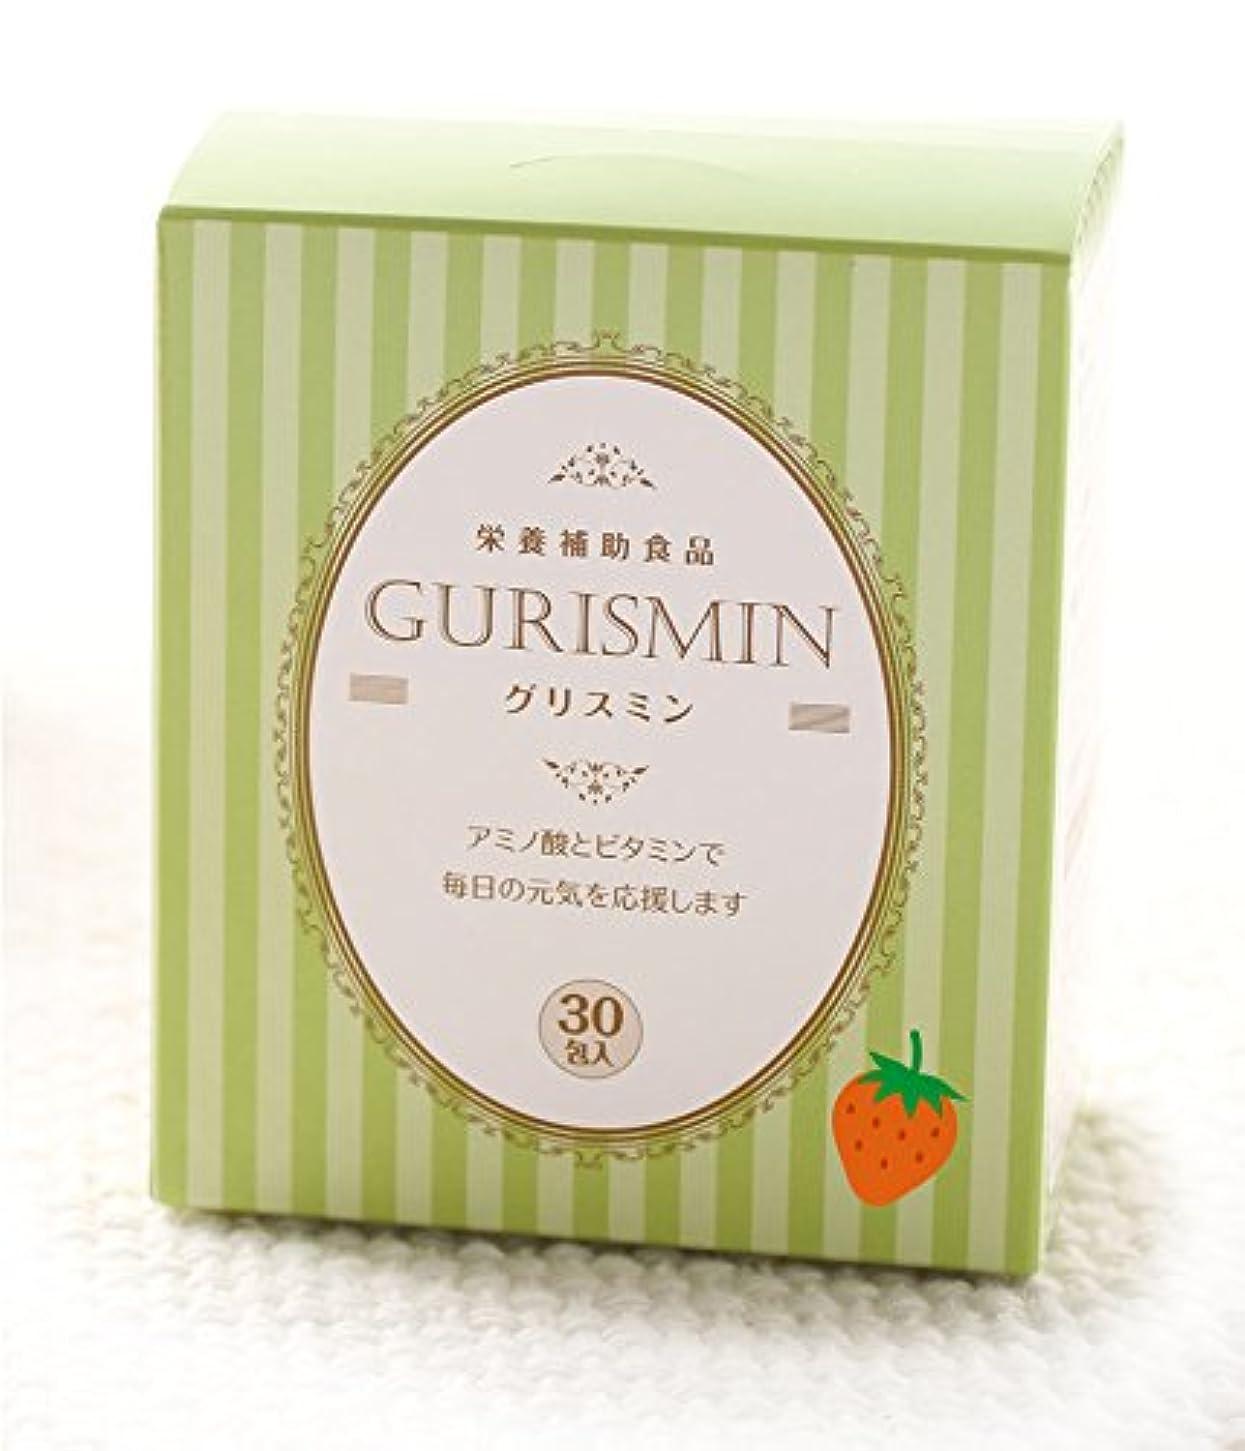 不快なマウンド空太陽堂製薬 グリスミン グリシン3000mg×30回分(いちごヨーグルト)栄養機能食品